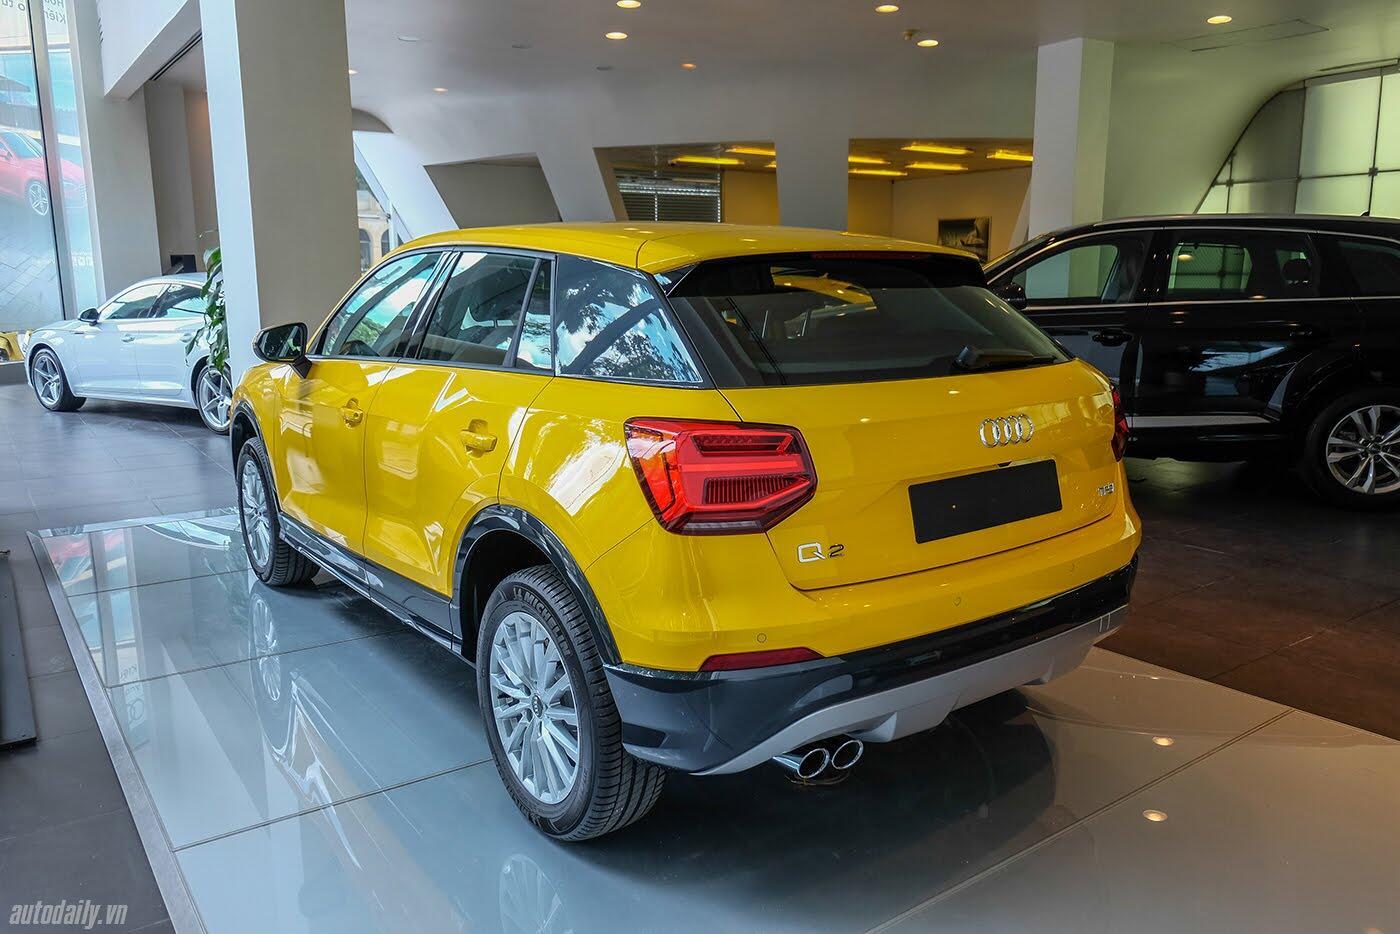 Audi Q2 đã có mặt tại showroom, sẵn sàng bán tới tay người dùng - Hình 6